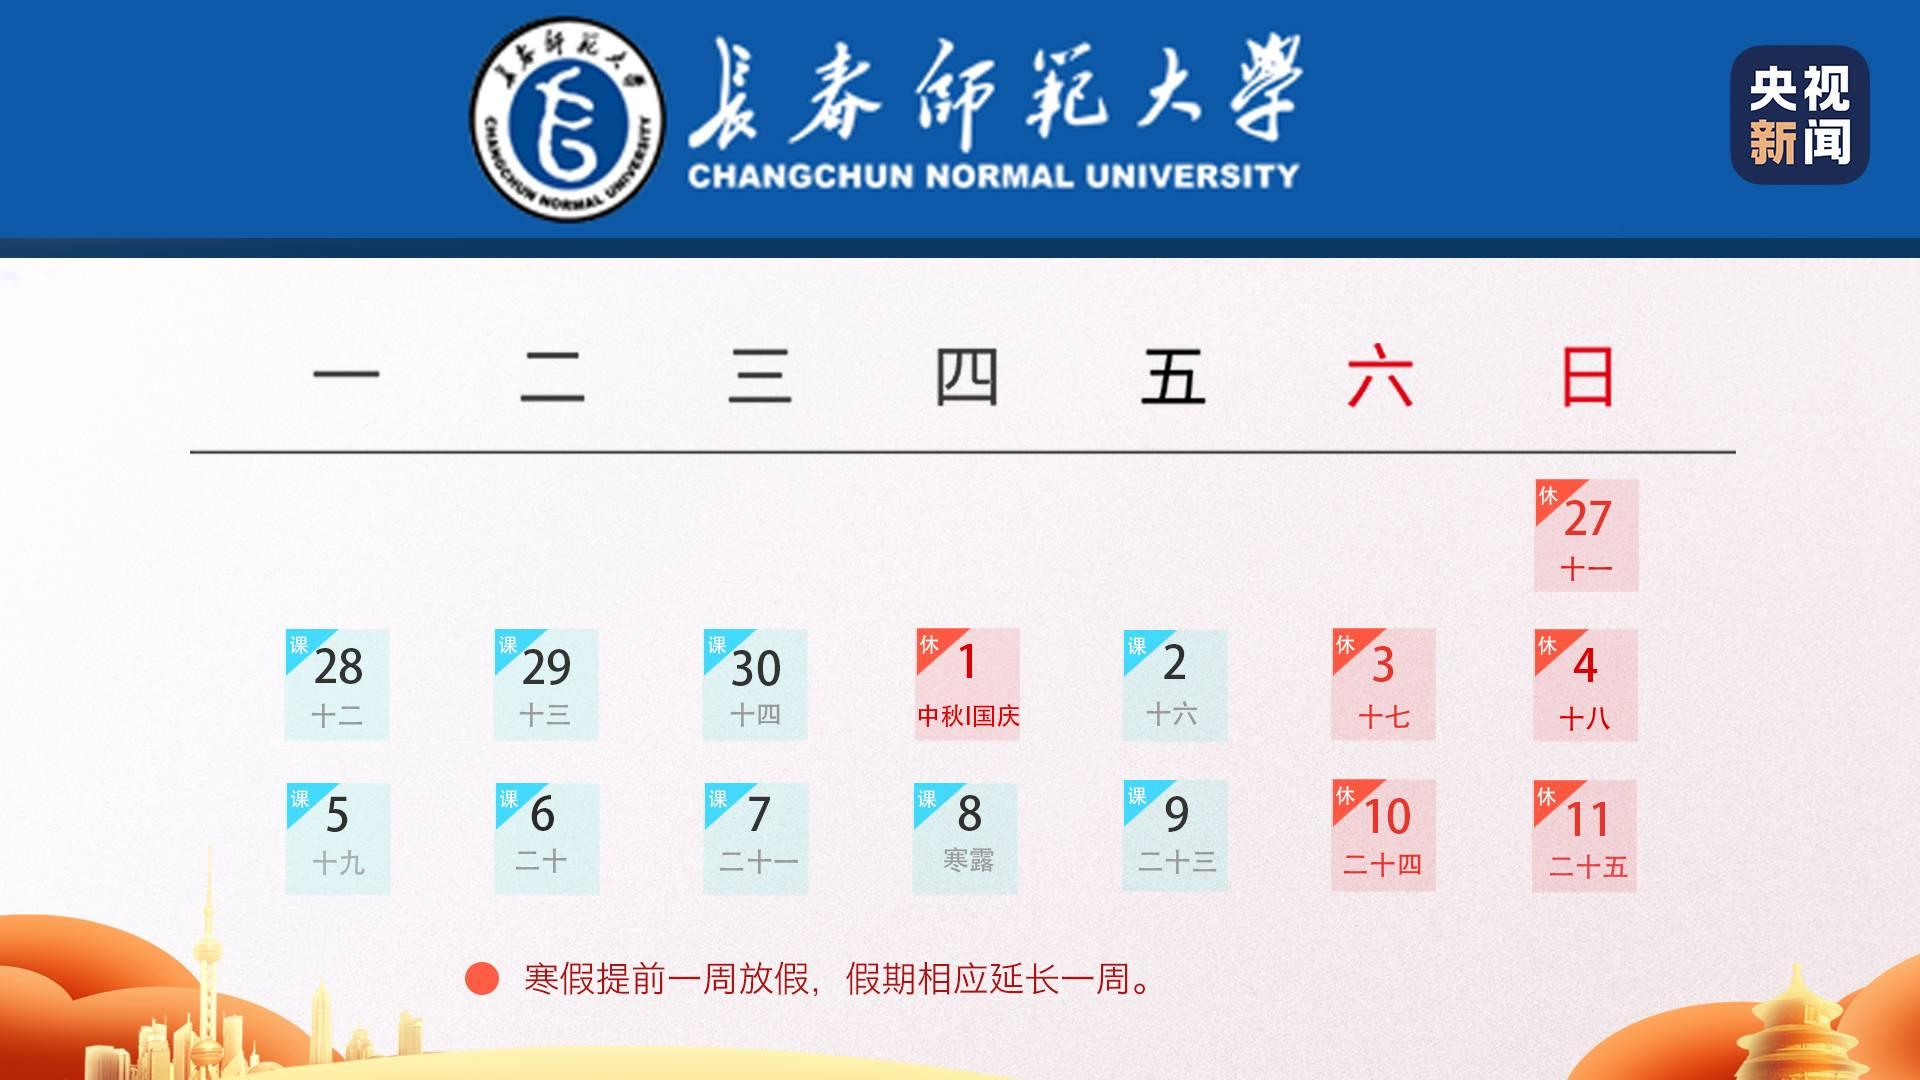 調整來瞭! 全國多所高校縮短中秋國慶假期-圖3